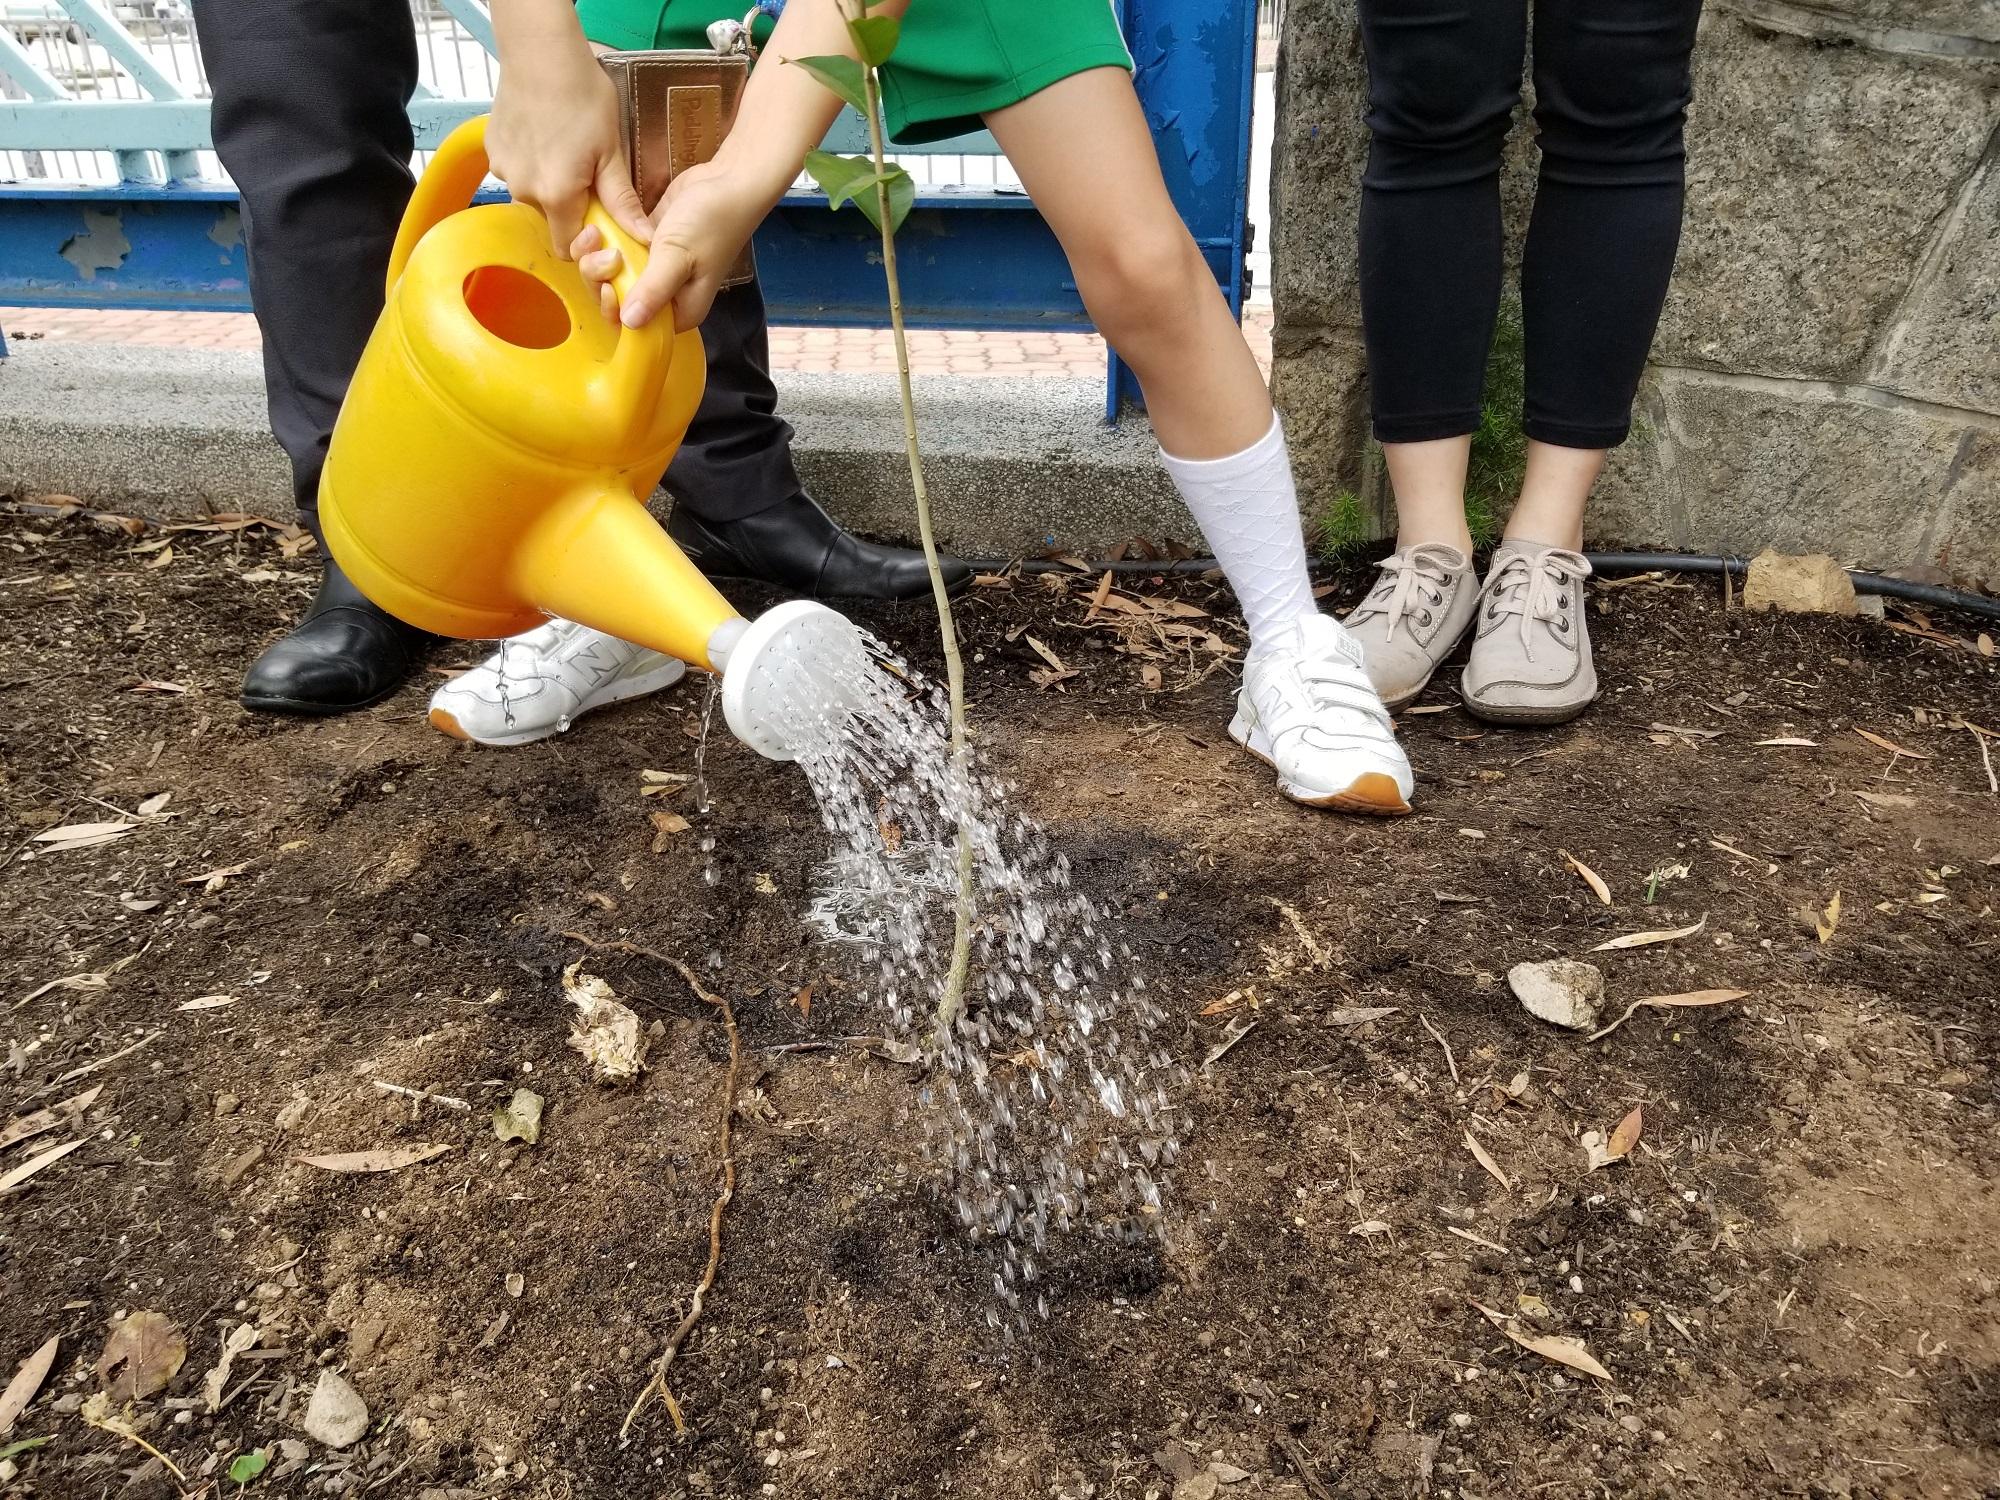 漁農自然護理署向每所參與「受保護植物校本STEM保育」計劃的學校,捐贈三株本地受保護物種土沉香 Aquilaria sinensis (Lour.) Spreng的樹苗,於校園內種植。